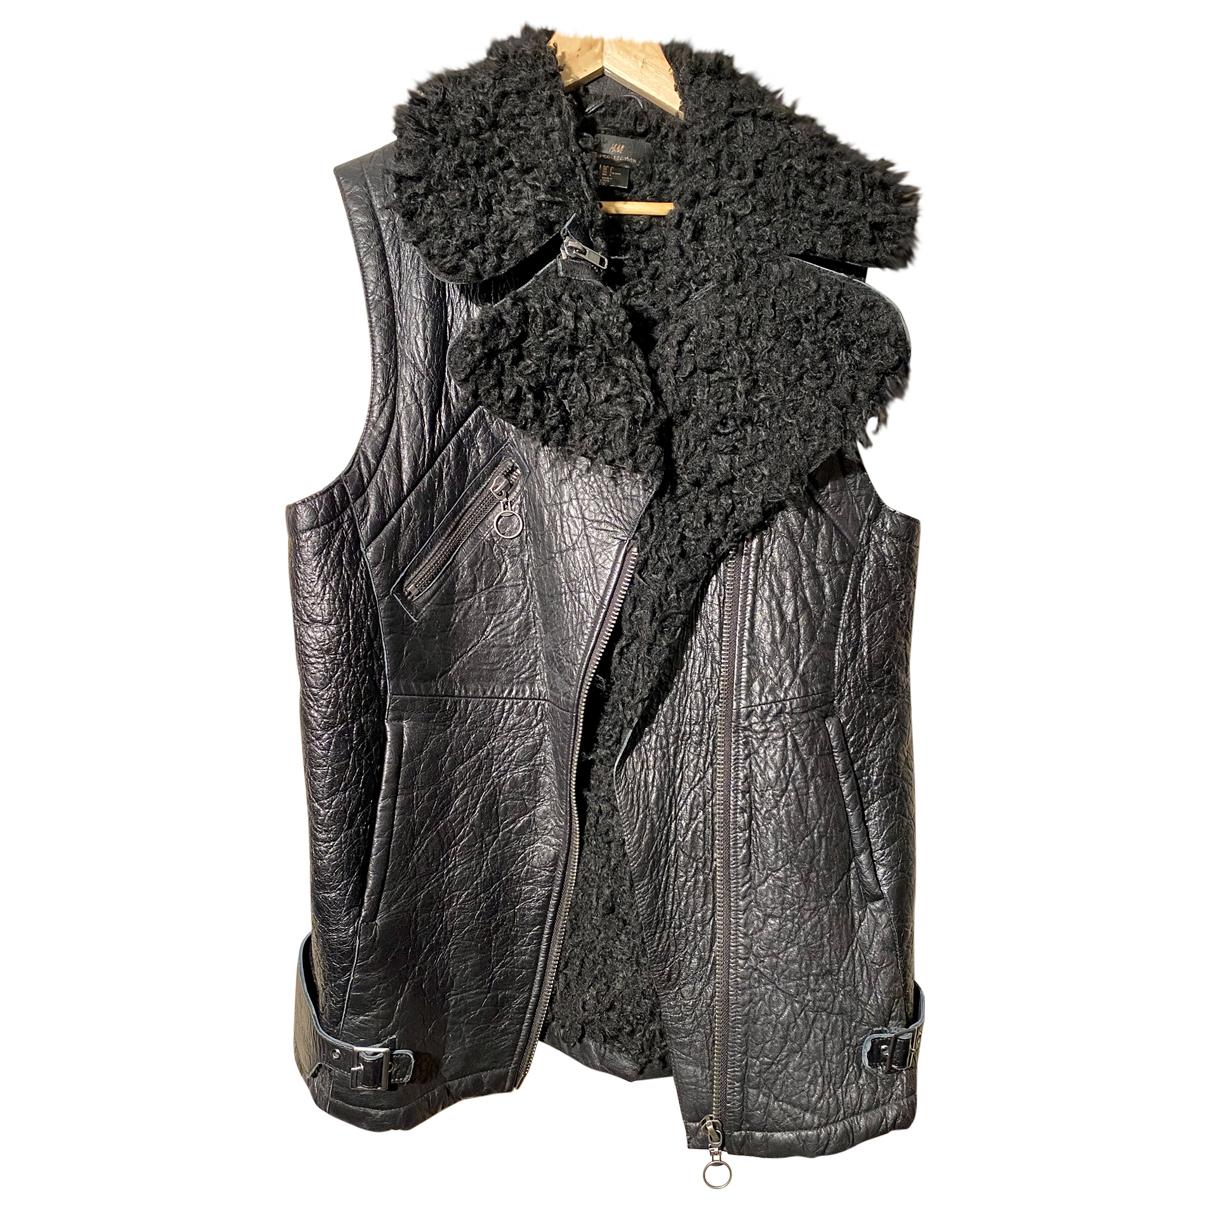 H&m Studio - Blouson   pour femme en cuir - noir